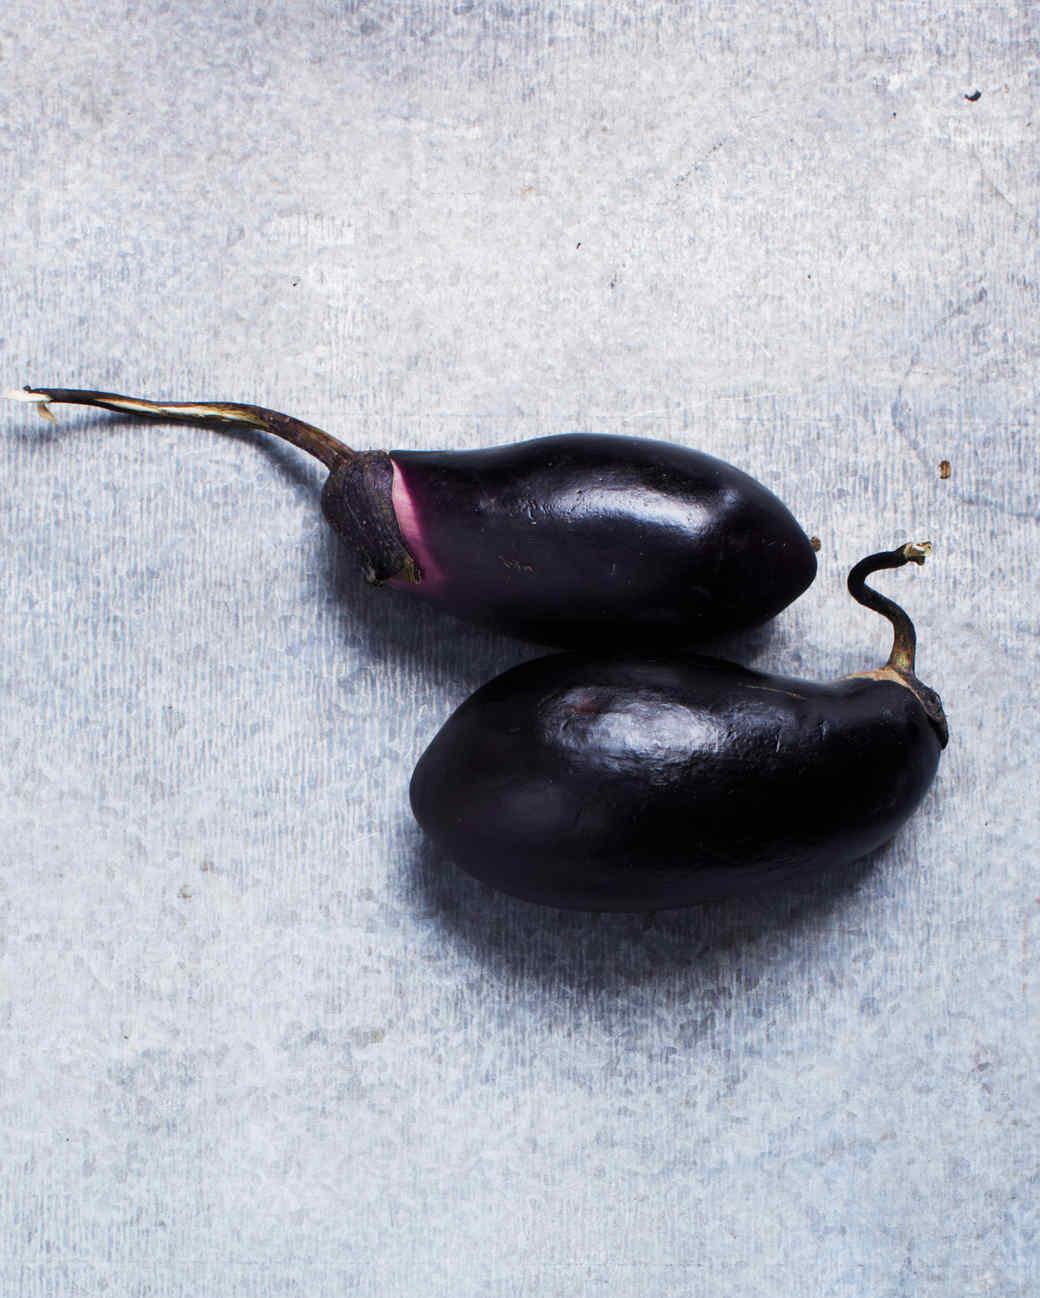 eggplant-glossary-121-d110486-0515.jpg